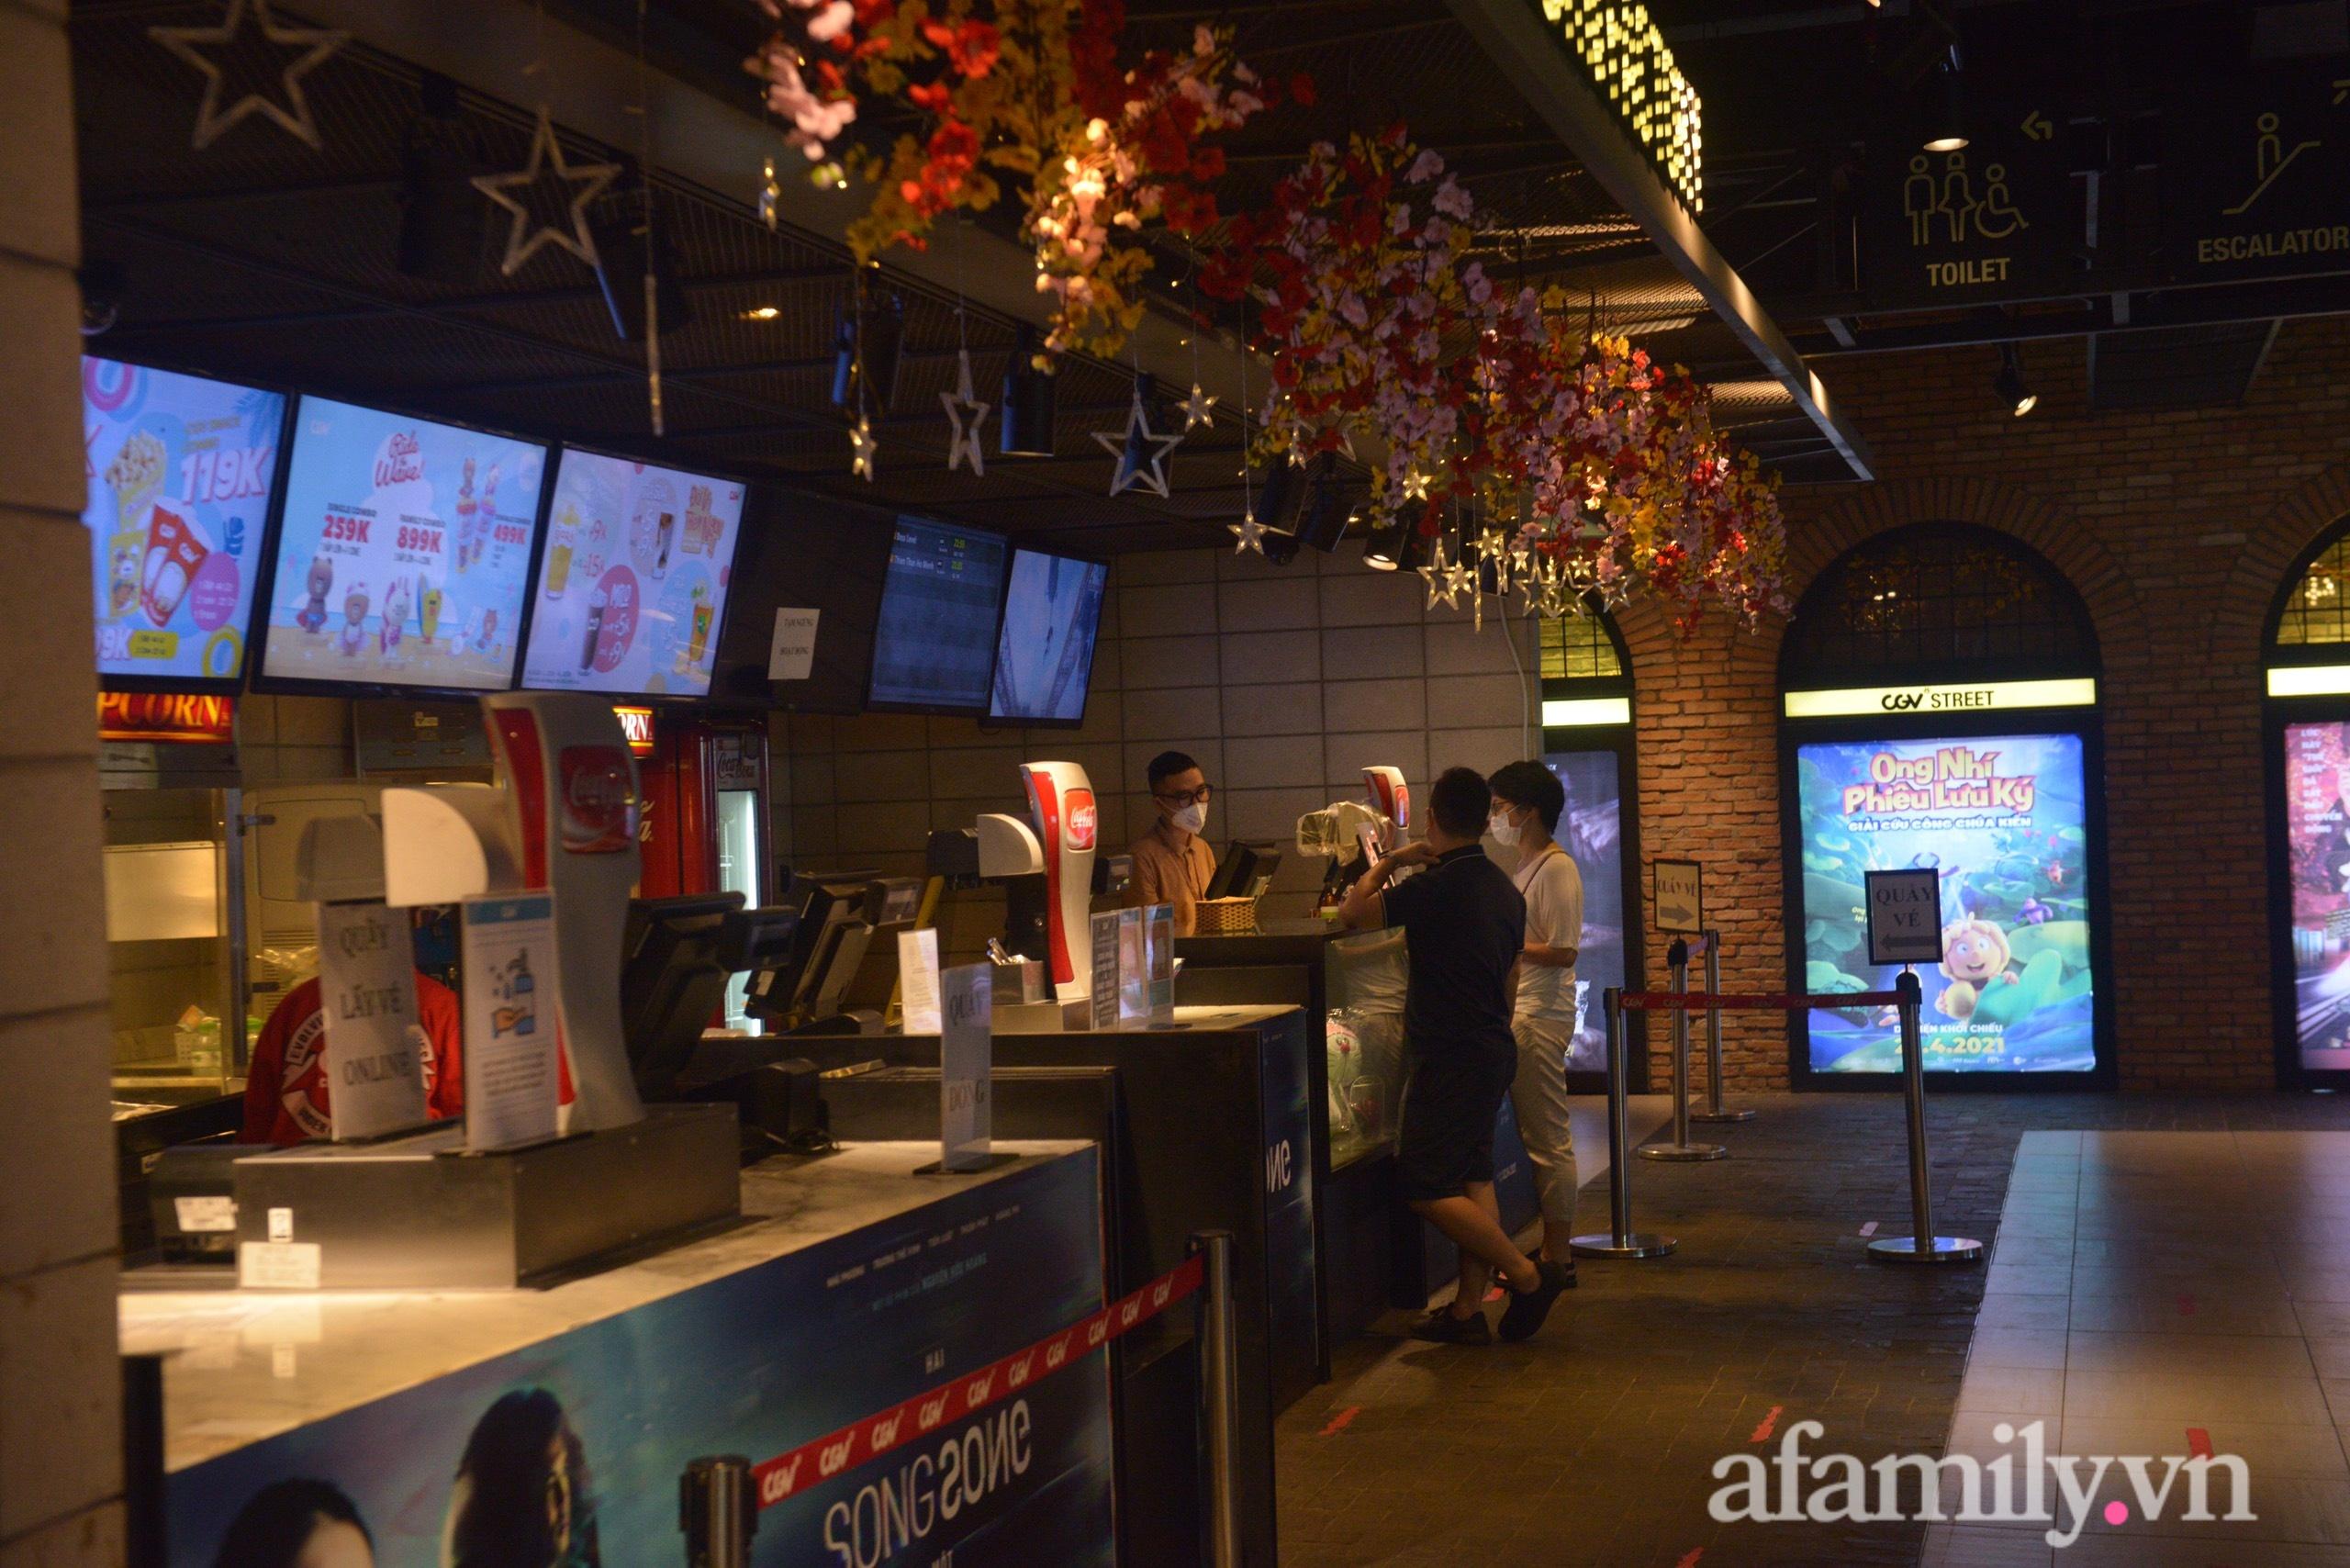 Rạp chiếu phim Hà Nội trước giờ tạm dừng hoạt động vì chống dịch: Vắng vẻ đến bất ngờ - Ảnh 6.